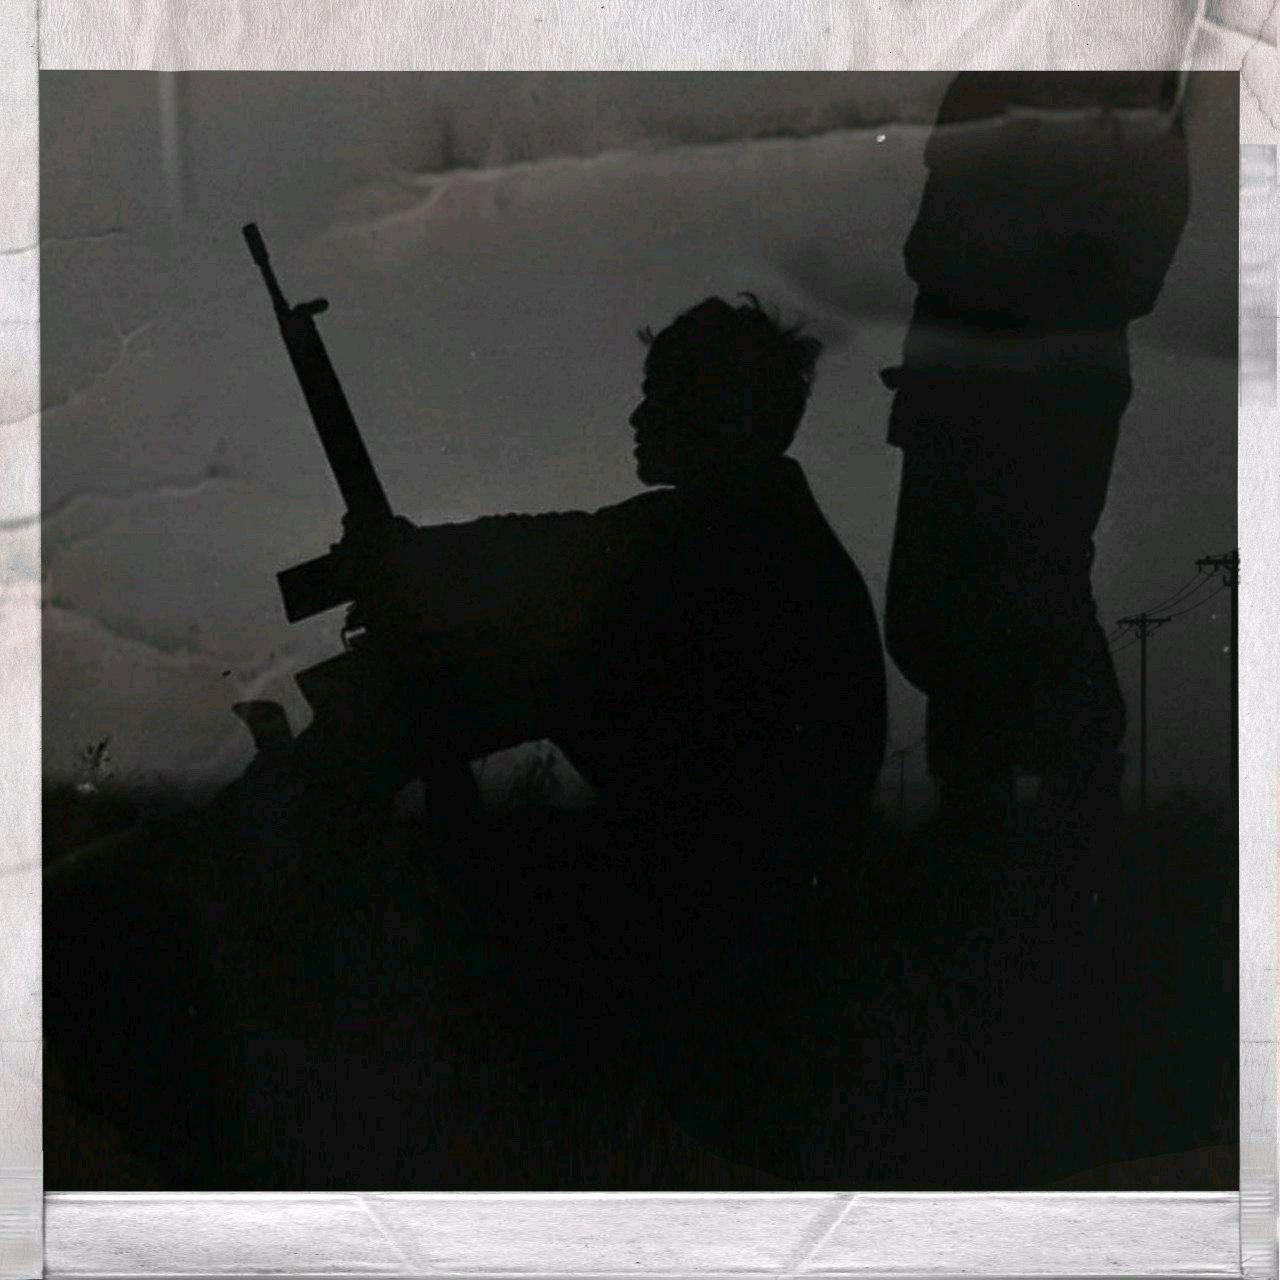 دانلود آلبوم جدید علی سورنا به نام کویر